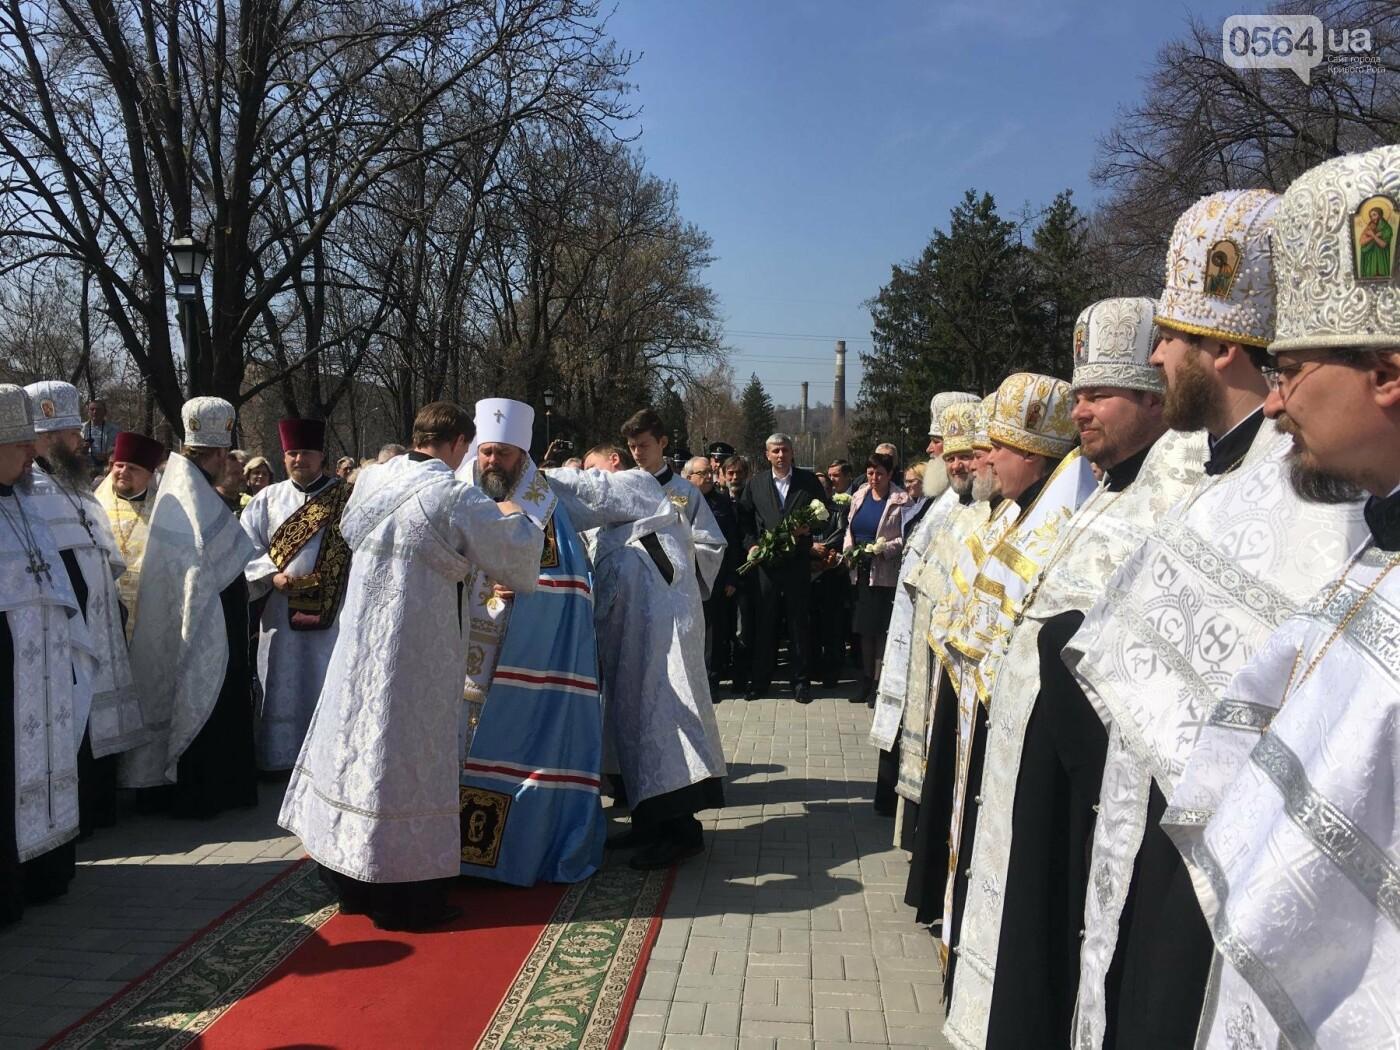 На Благовещение в Кривом Роге открыли памятник покровительнице украинских козаков (ФОТО, ВИДЕО), фото-36